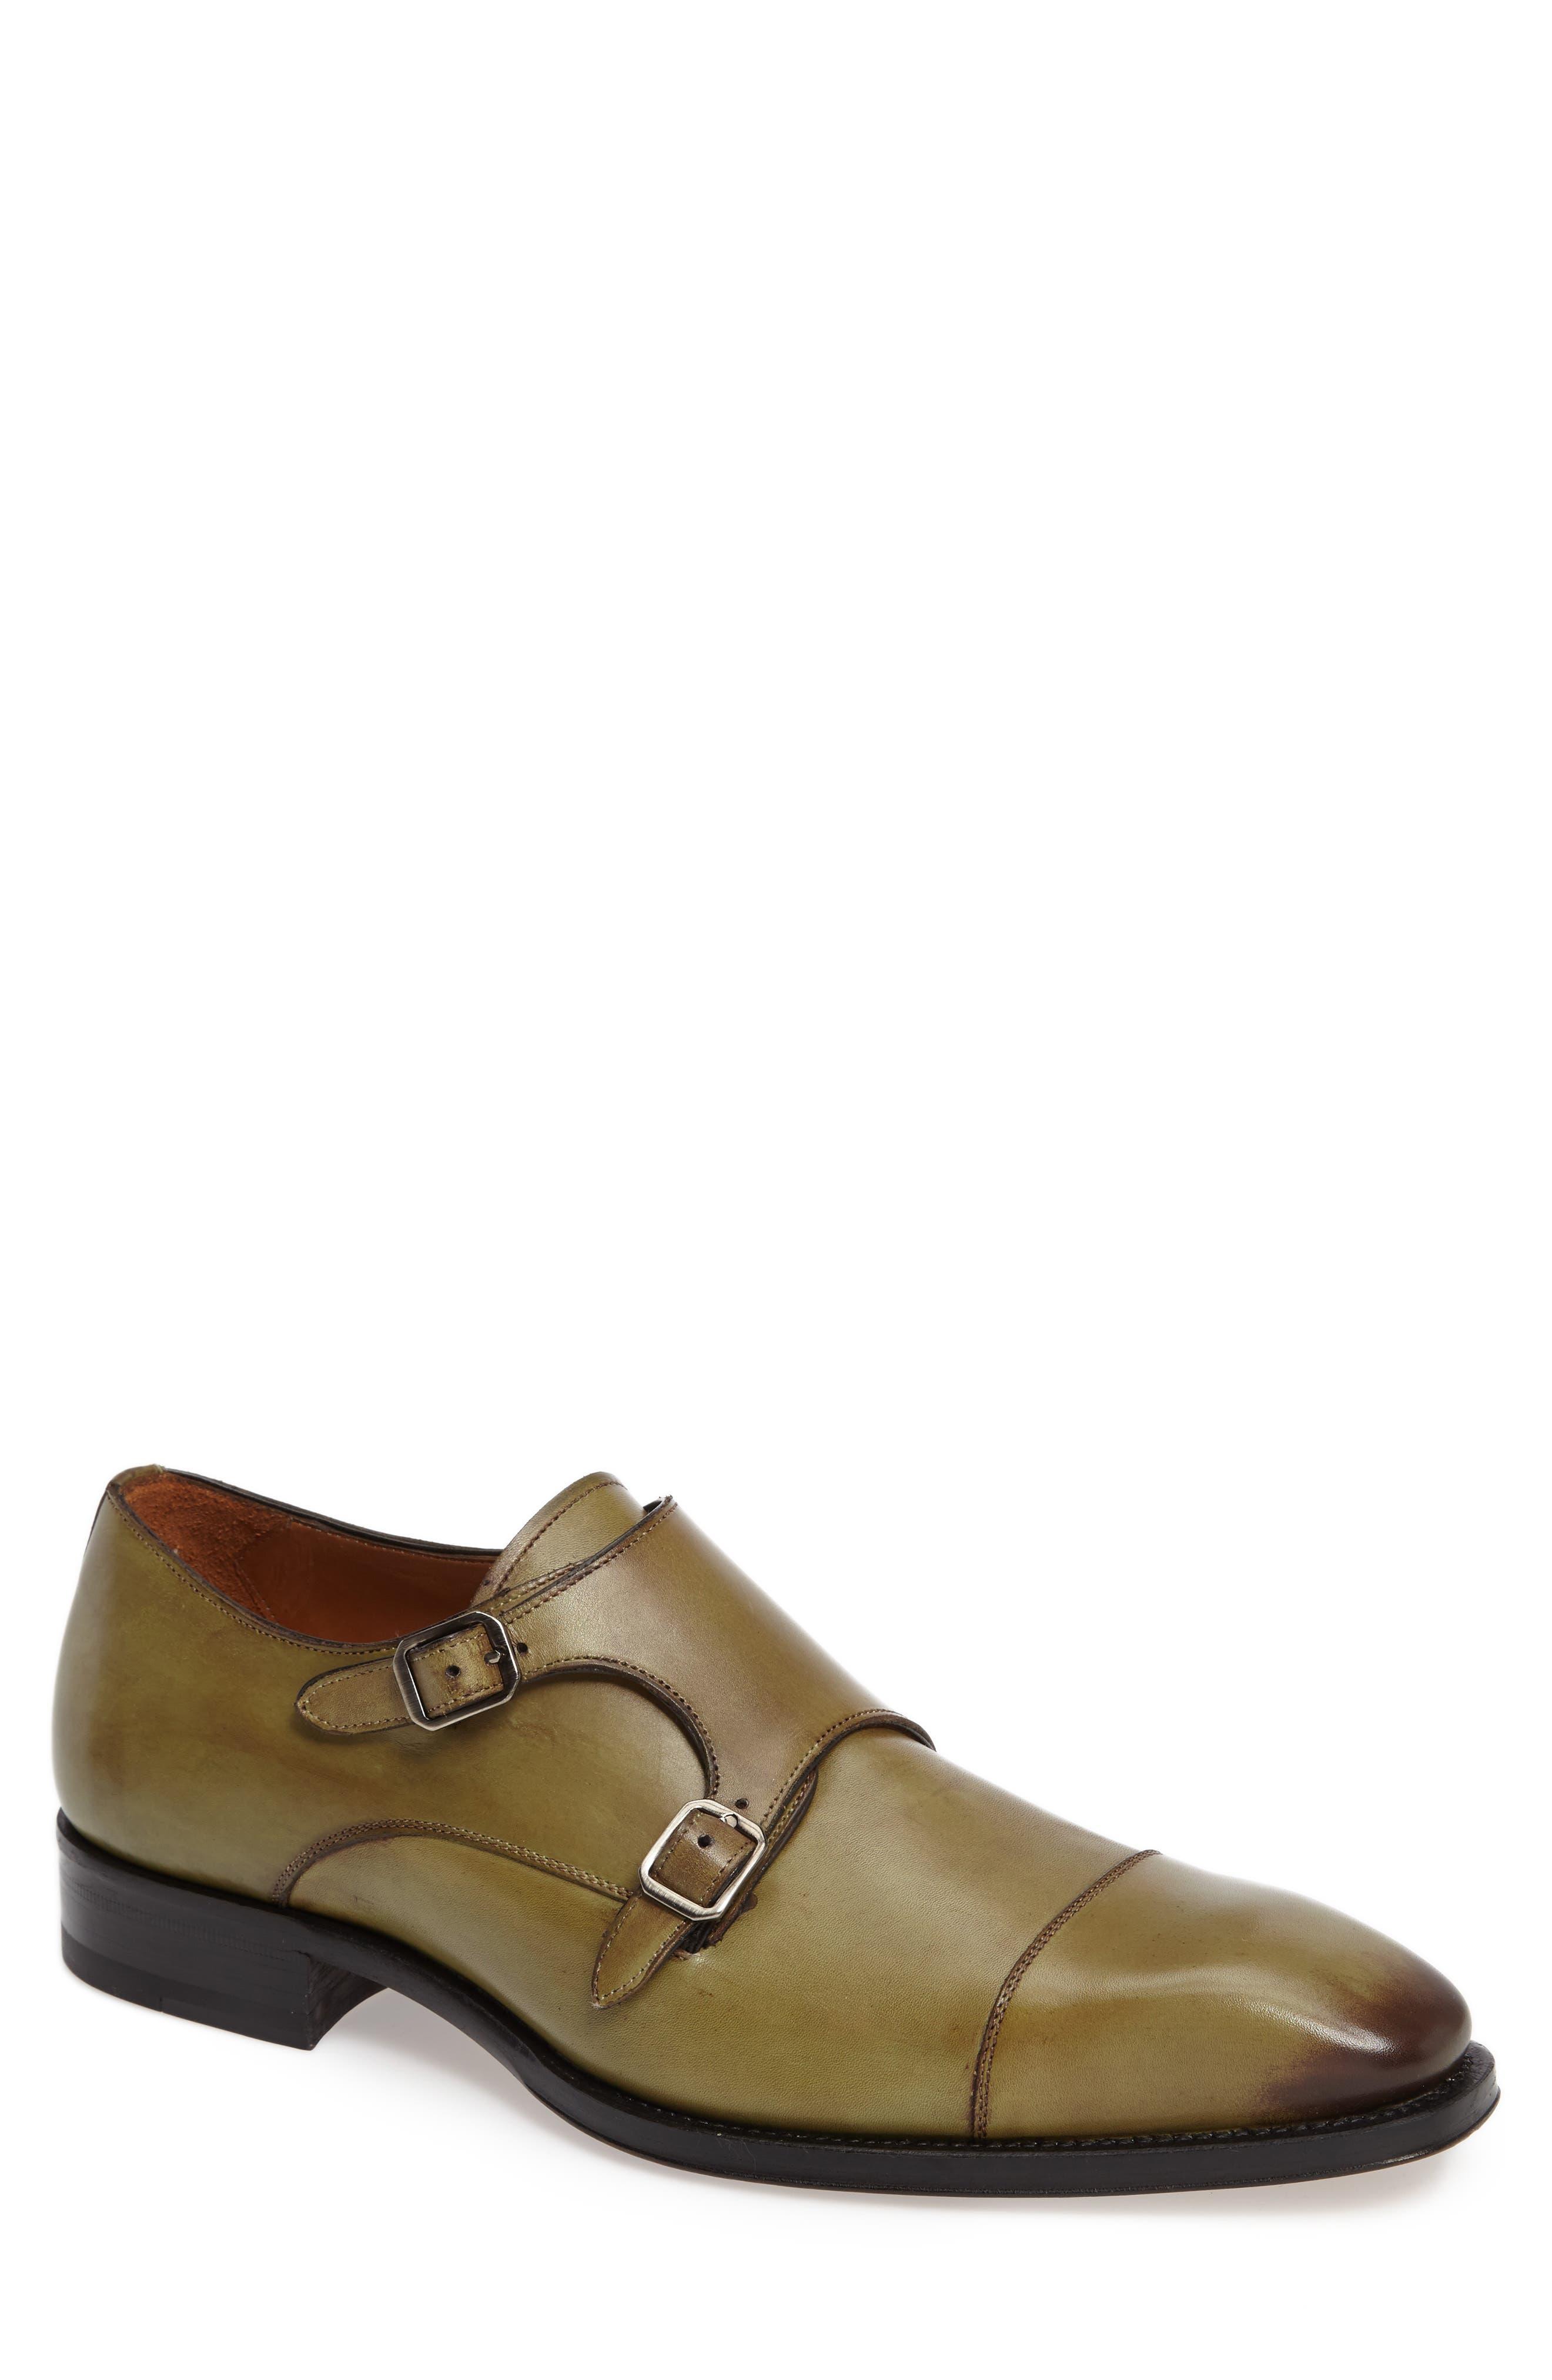 MEZLAN Cajal Double Monk Strap Cap Toe Shoe